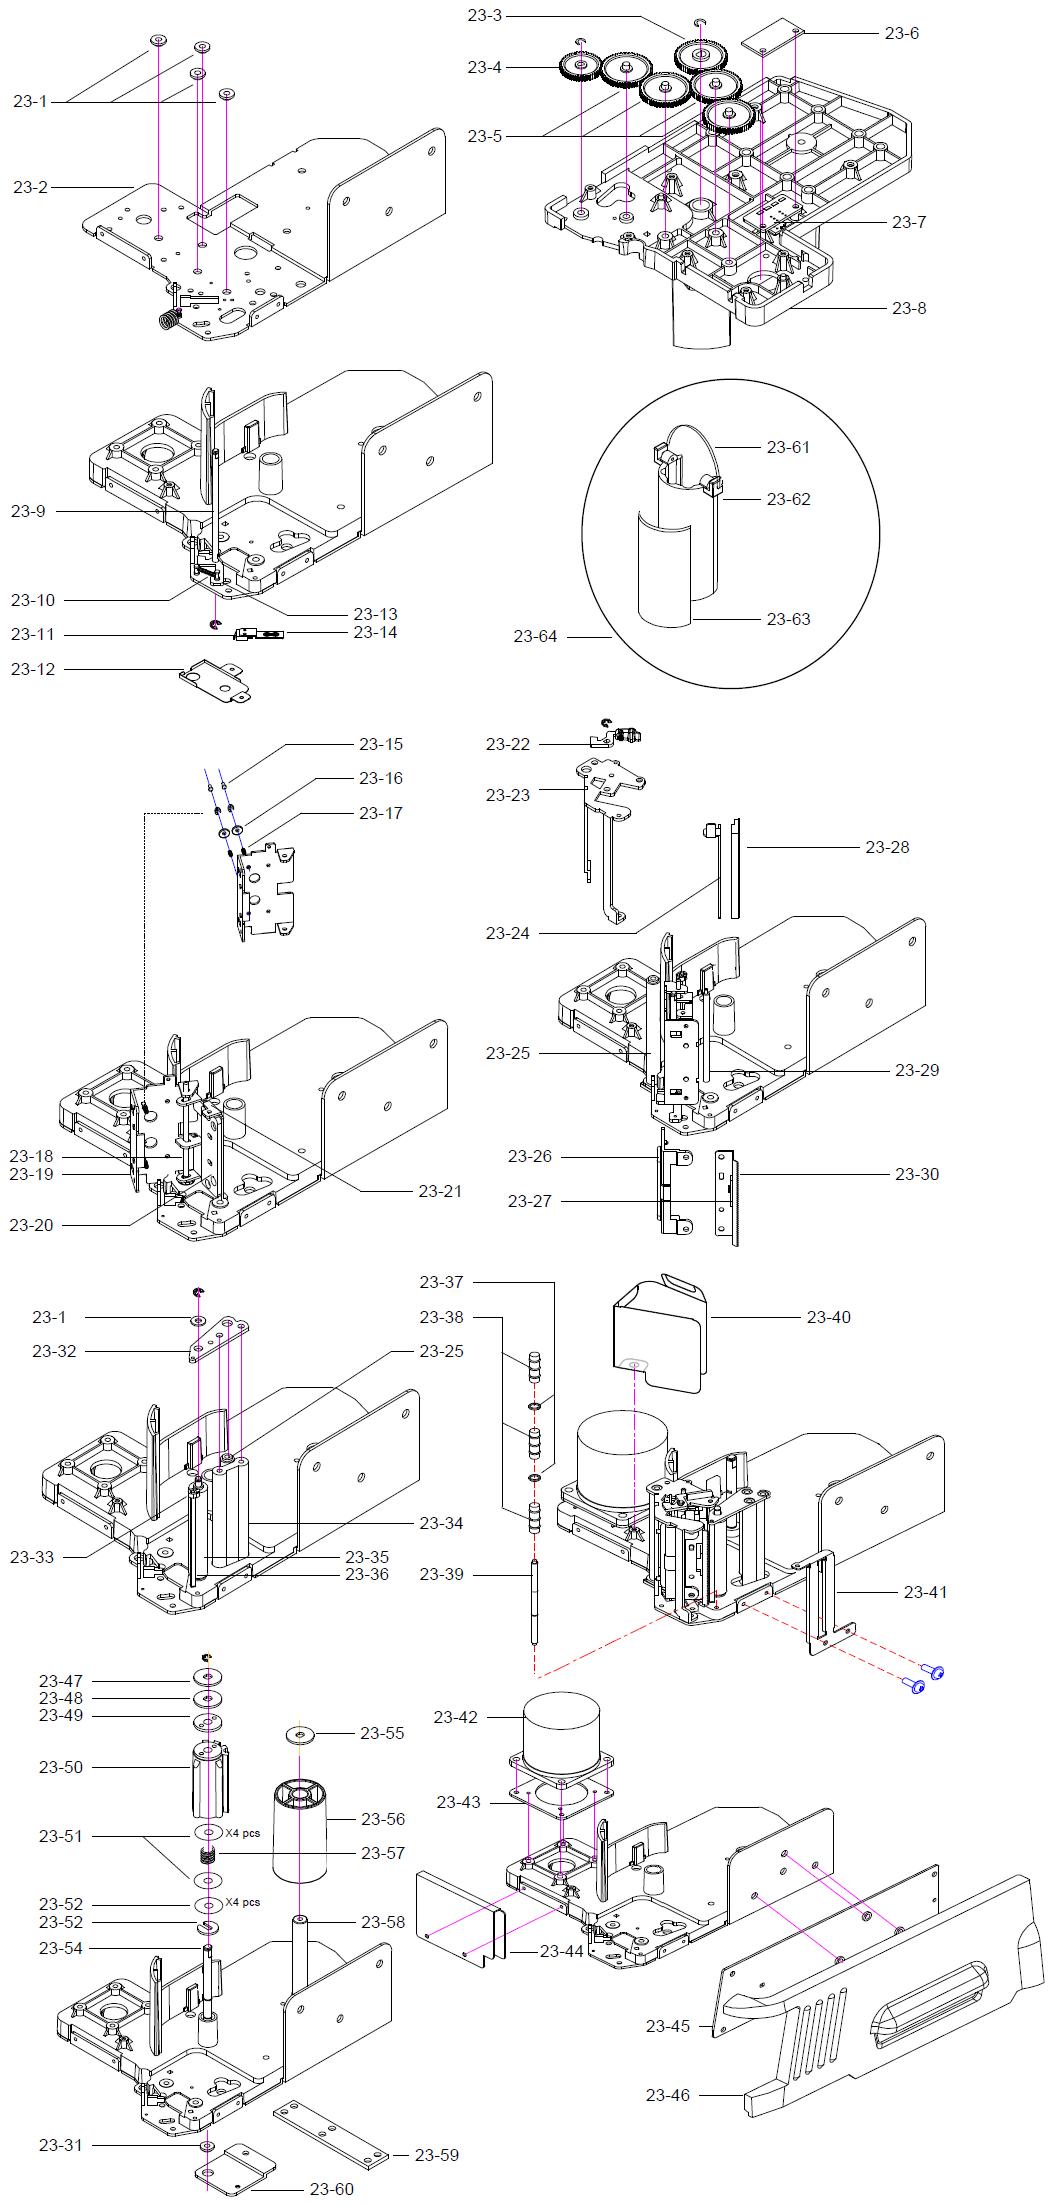 Детали (запчасти) принтерного узла (печатающая термоголовка, ведущий валик, двигатель, зажим ленты, катушка подложки этикетки, катушка смотки, несущая вала бумаги, основание вала бумаги, боковая крышка, шестерня ВА, шестерня ВВ, шестерня ВС, фетровая прокладка, крепление, винты) весов DIGI SM-300 Pole. Сборочный чертеж.